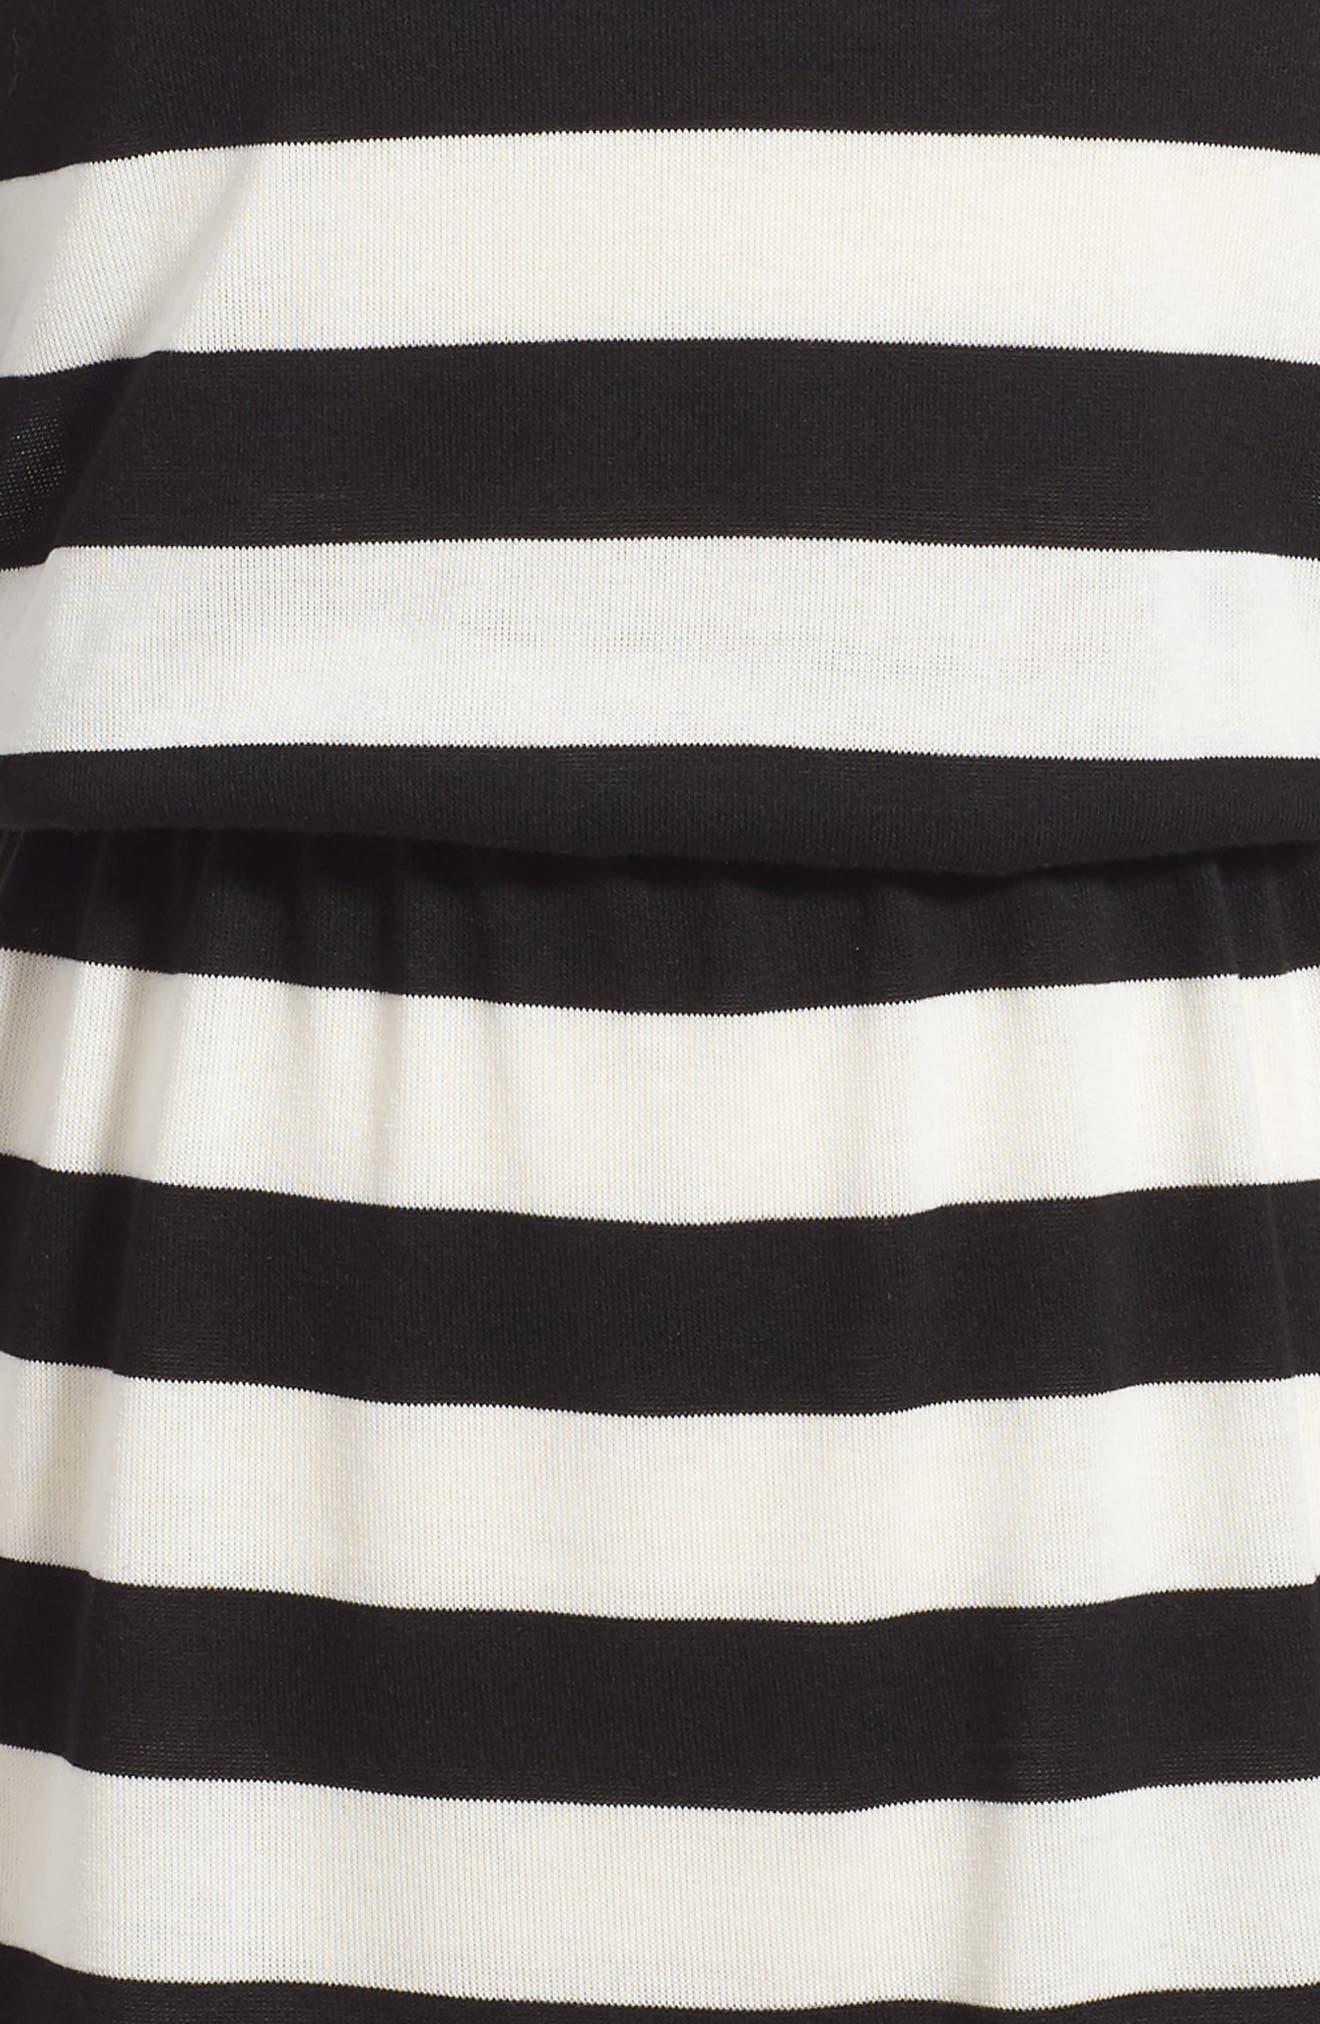 Alternate Image 3  - Splendid Stripe Knit Dress (Toddler Girls & Little Girls)